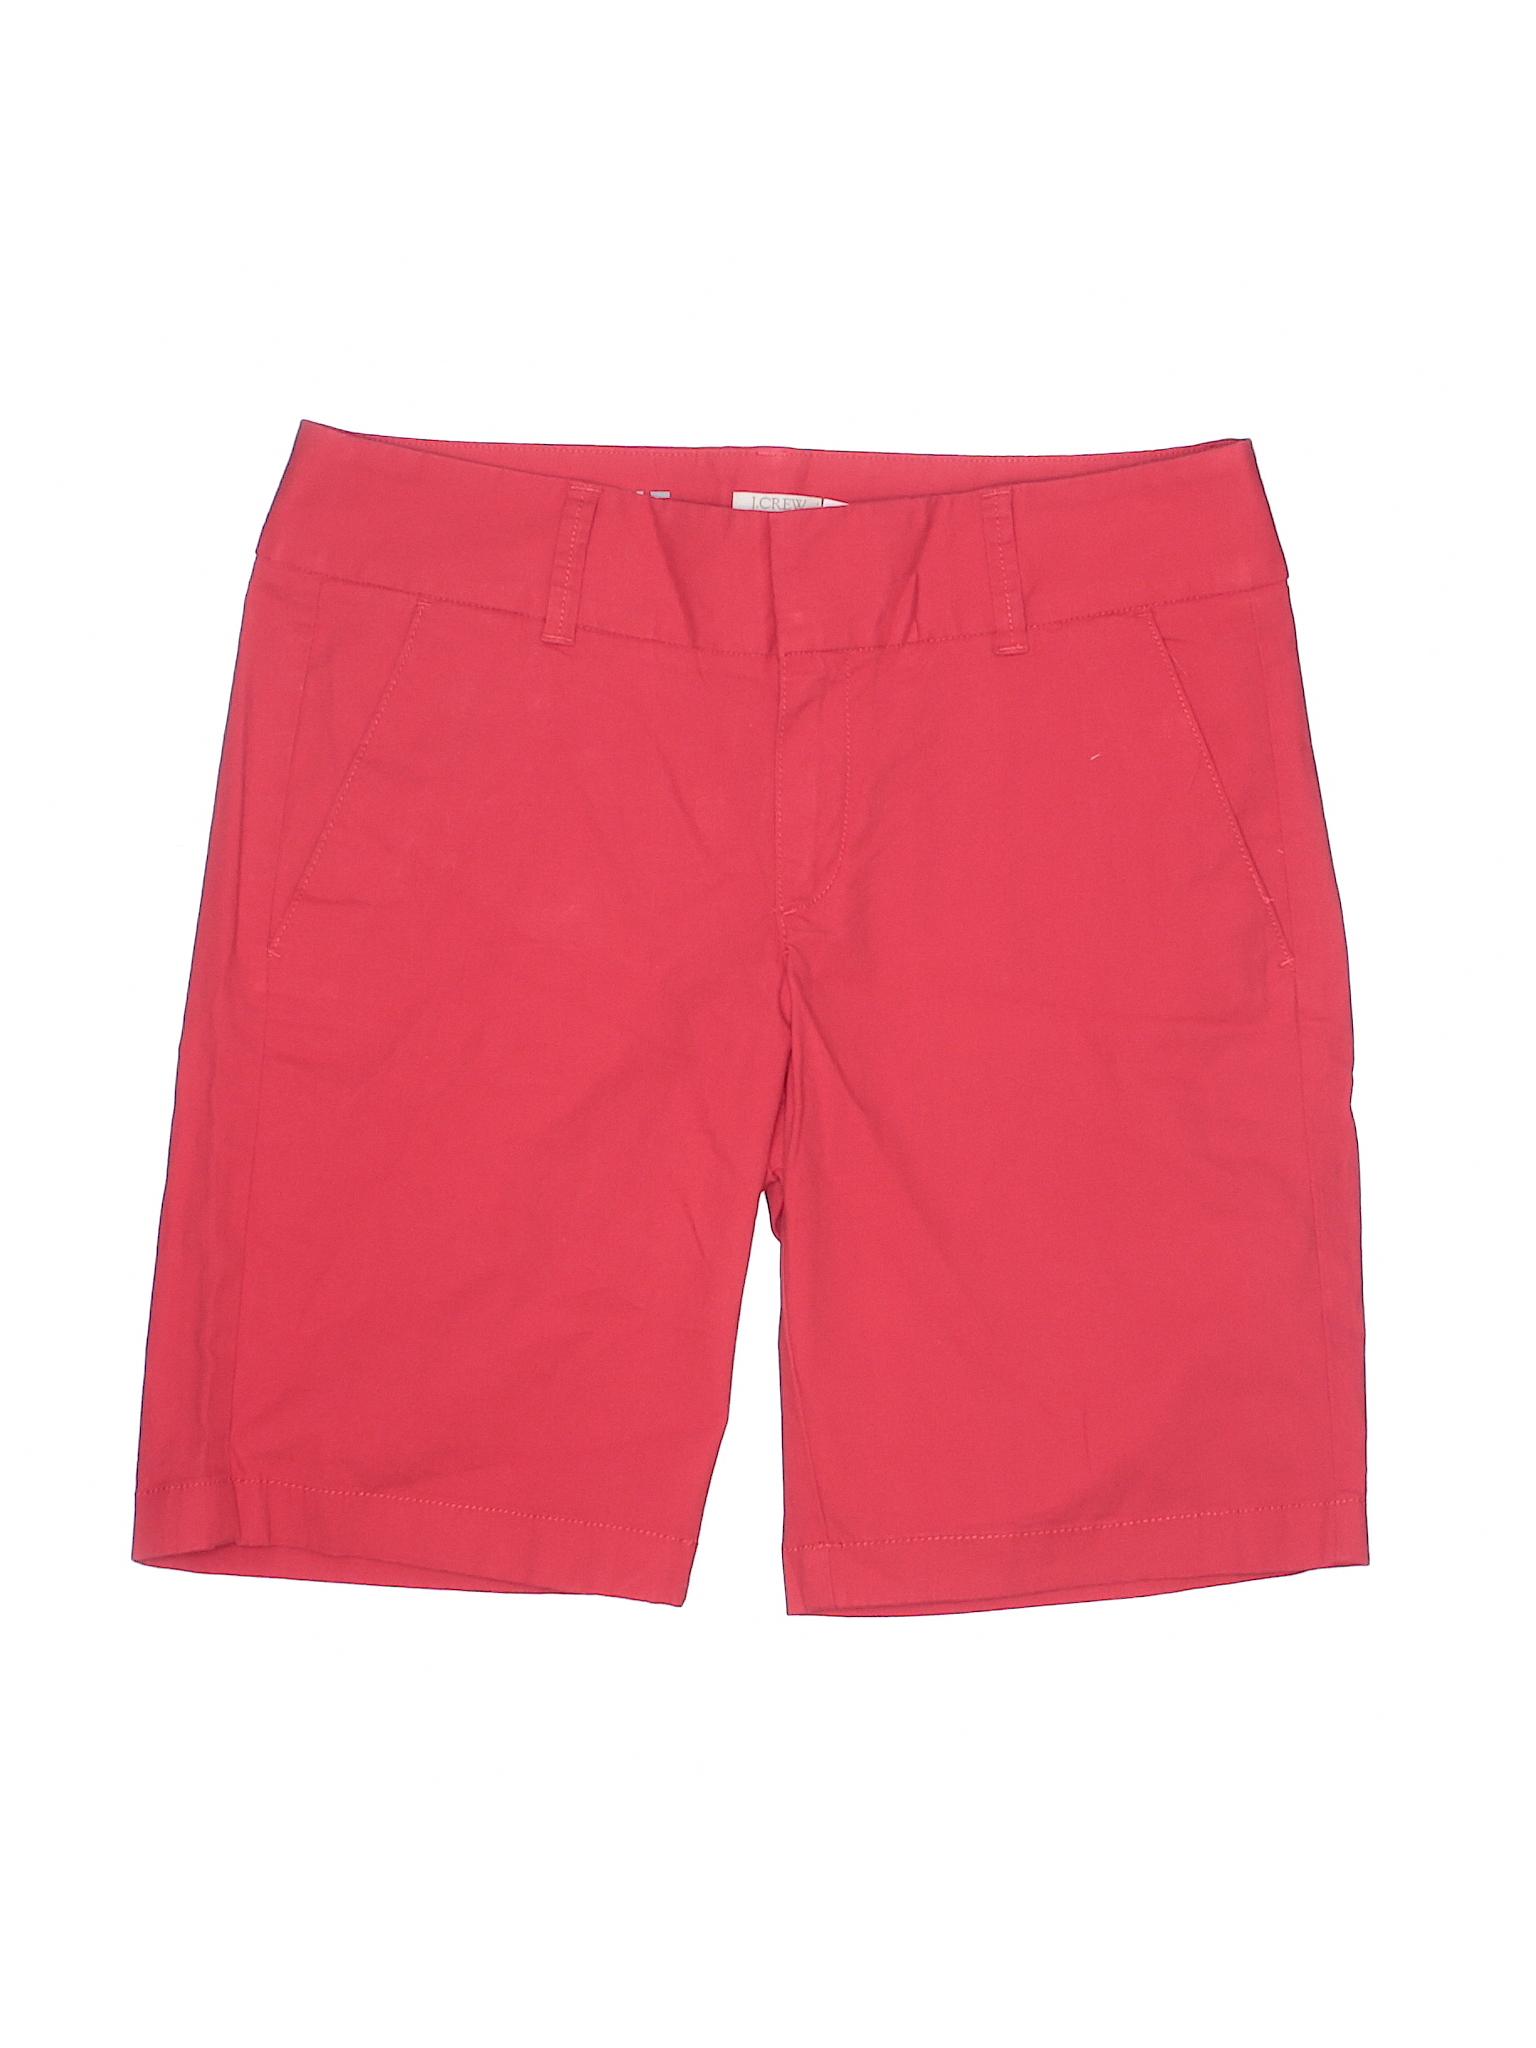 J Crew Boutique Khaki J Khaki Shorts Boutique Khaki Crew Shorts J Boutique Crew zwvv4xqA1